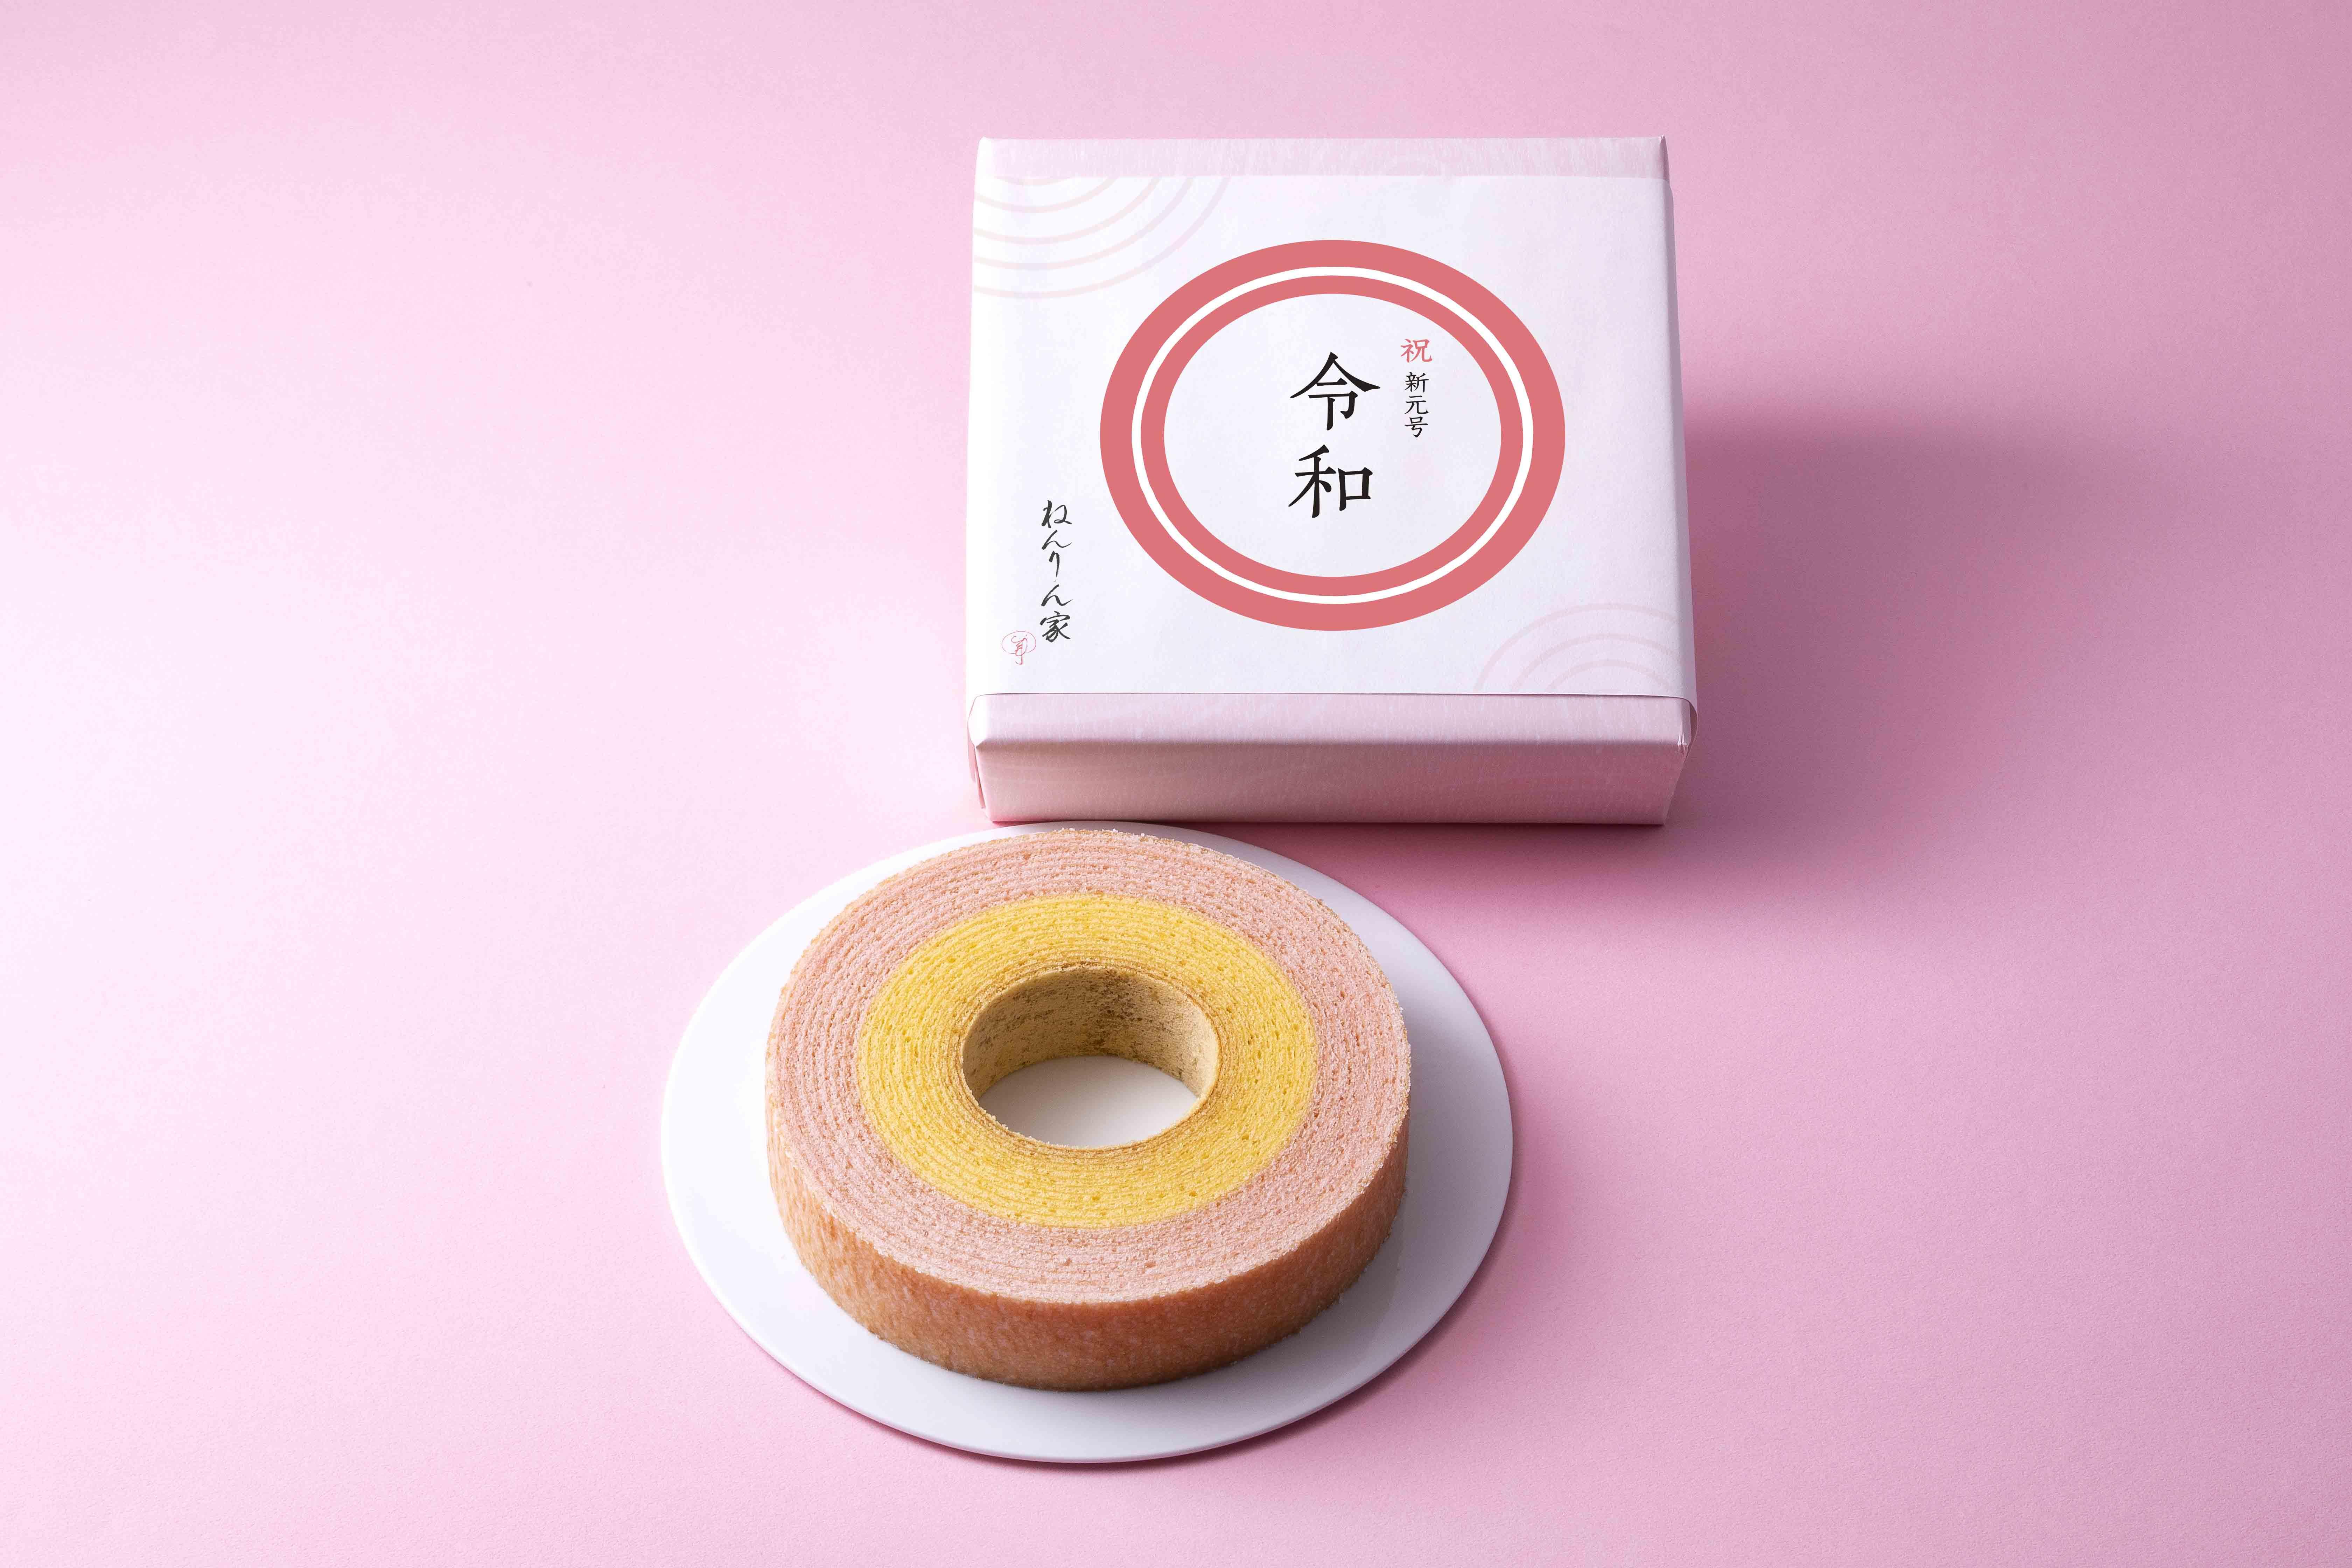 東京のおしゃれなお土産特集《2019年》- 東京限定のお土産や、人気お土産ランキングまとめ_8